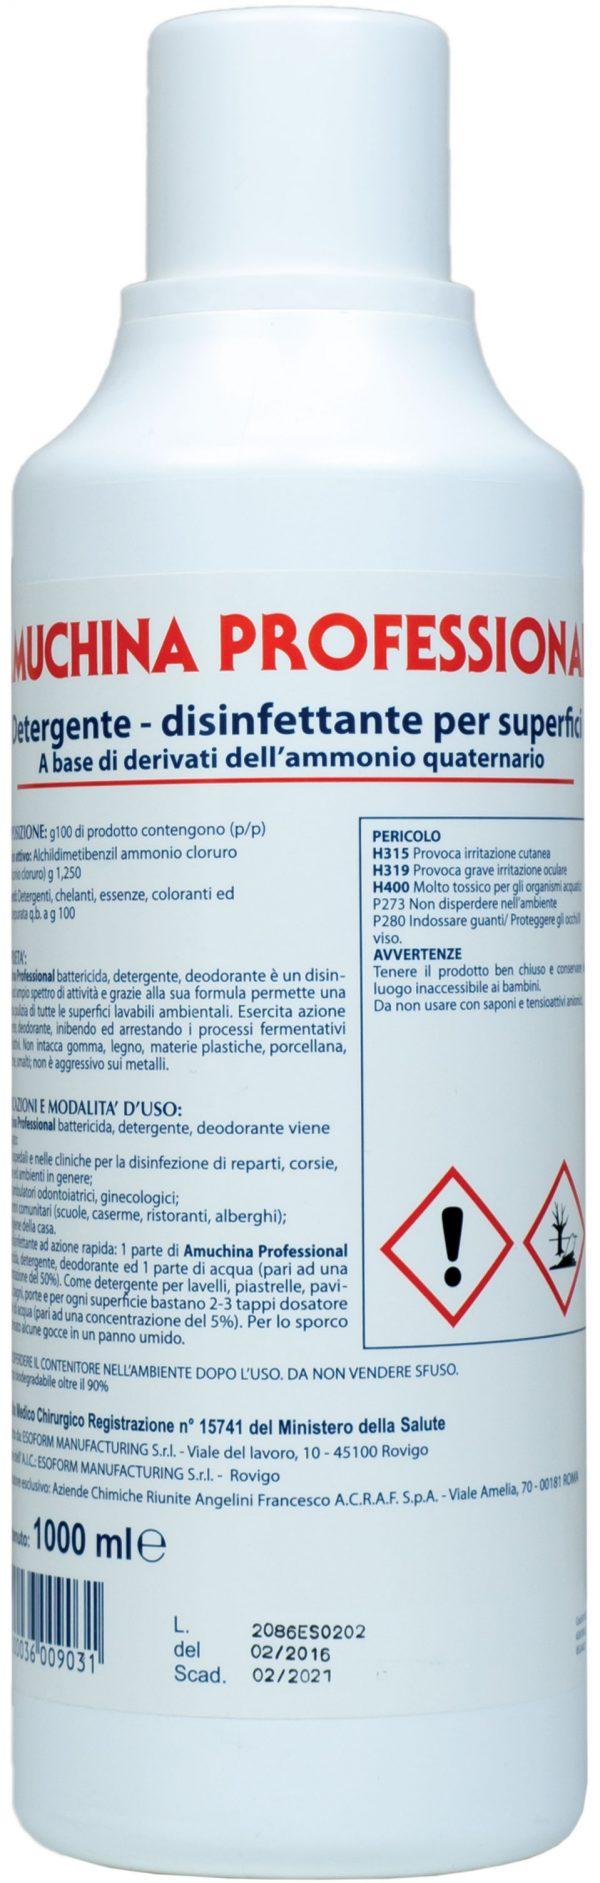 pmc, presidio medico chirurgico, amuchina disinfettante per superfici